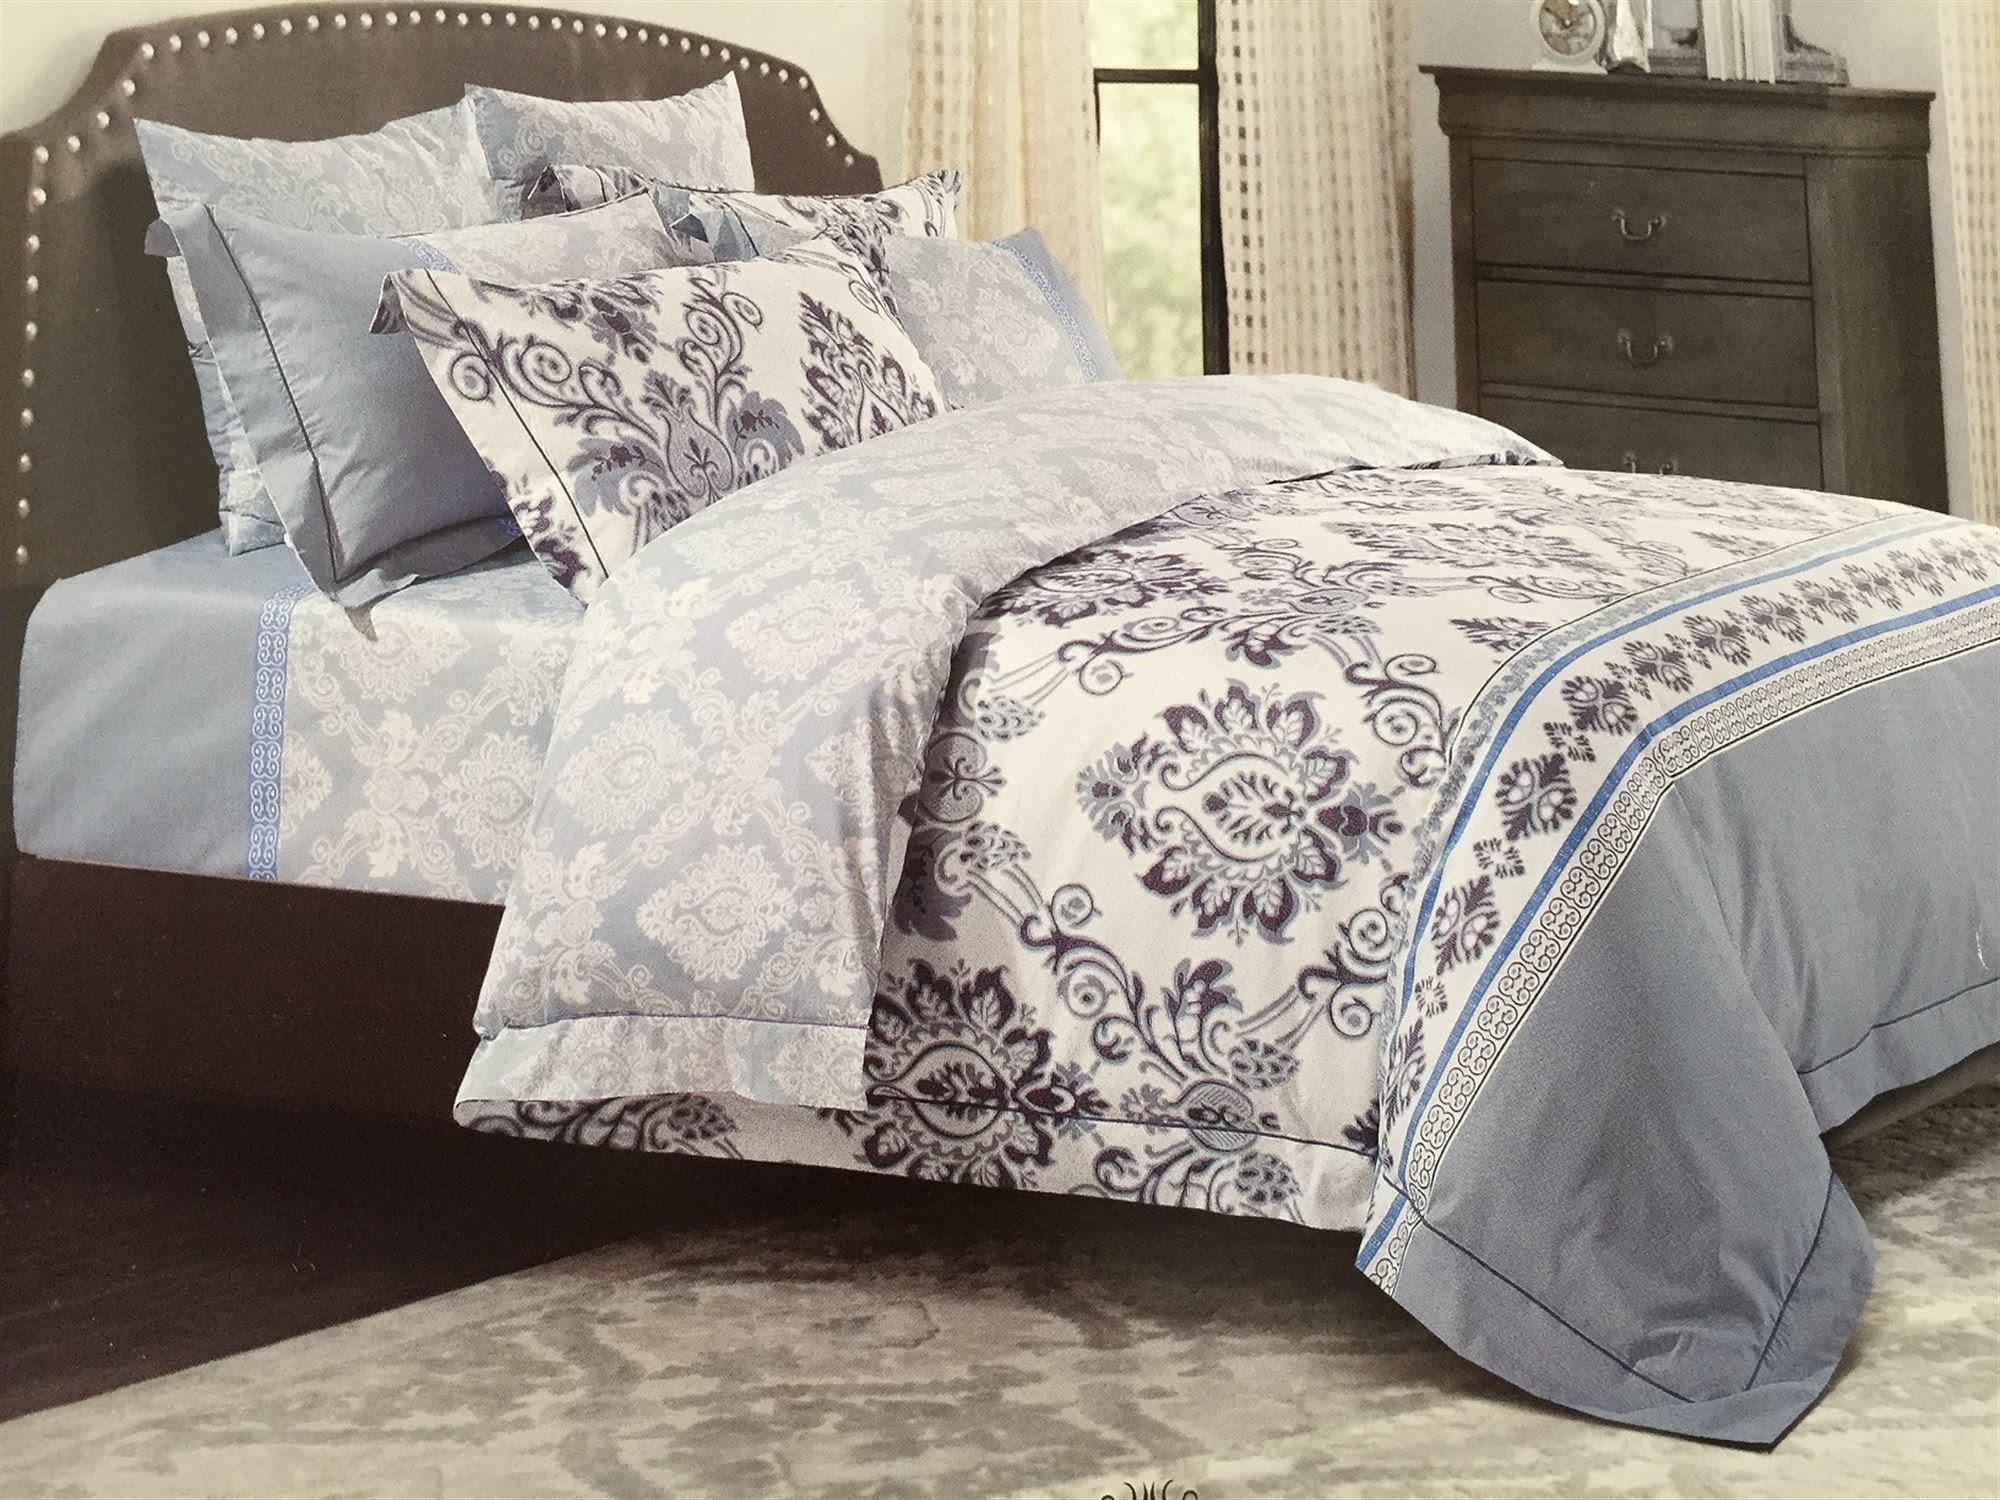 Постельное белье DO'n'CO Постельное белье Stil (2 сп. евро) постельное белье 2 сп 50х70 patrizia постельное белье с рисунком